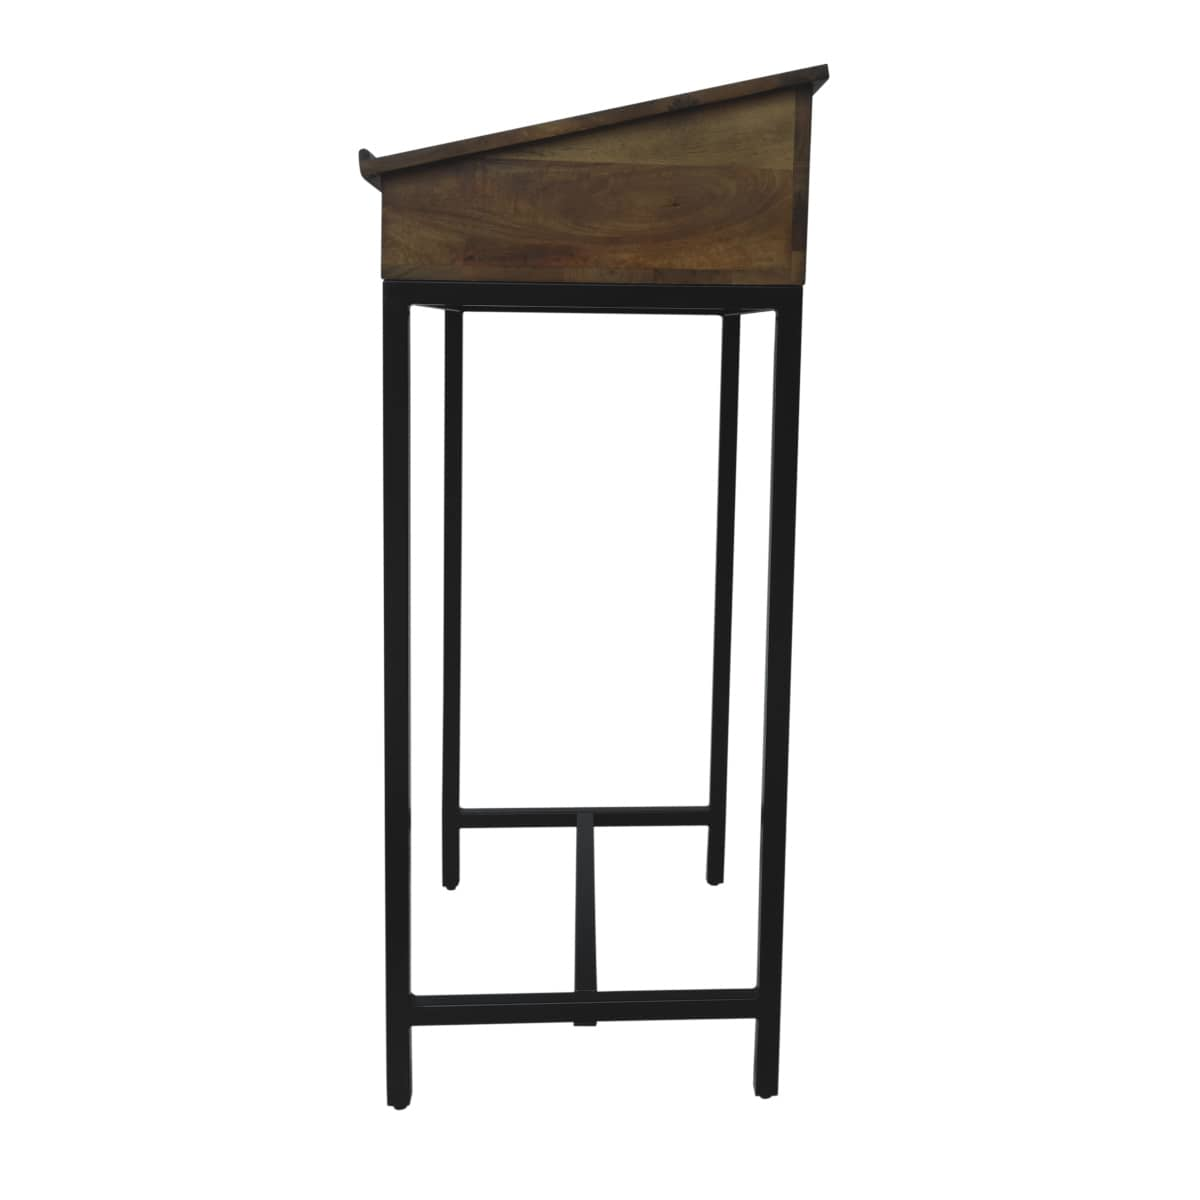 Empfangstresen Gastro Stehpult Vintage Holz Eisen